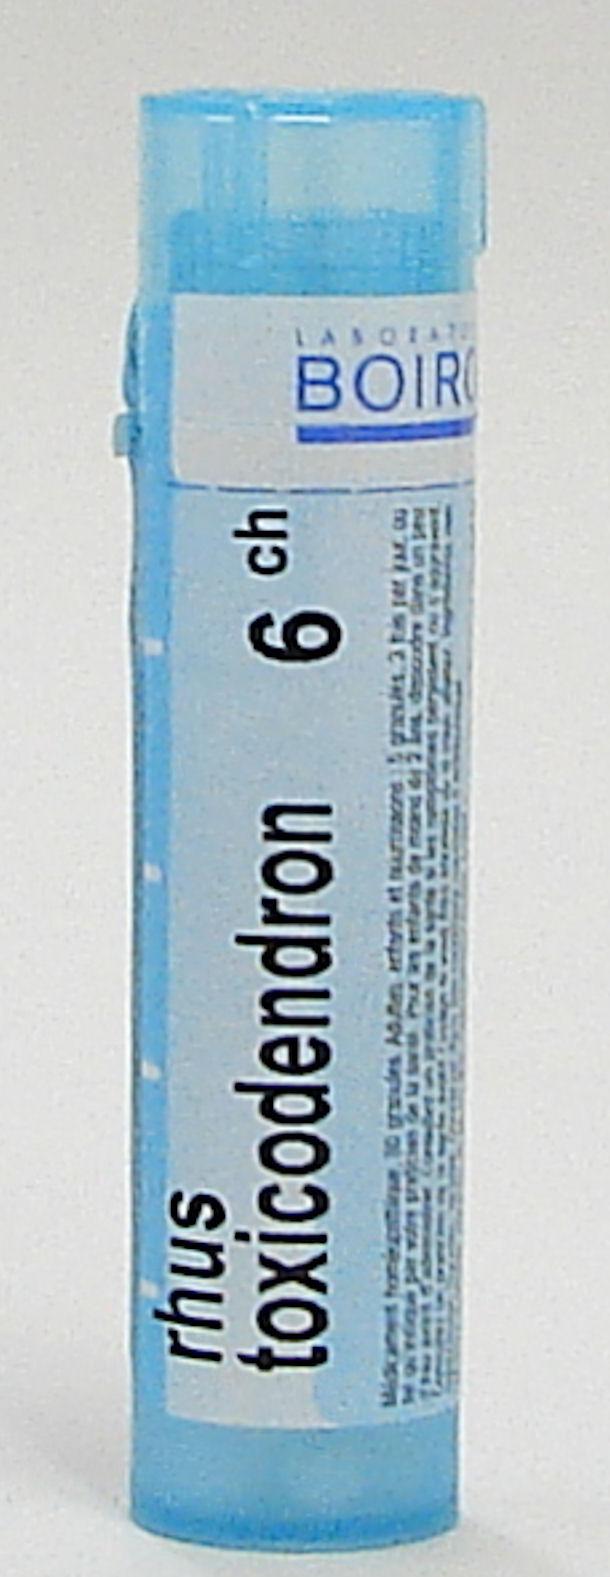 rhus toxicodendron, 6ch (boiron)